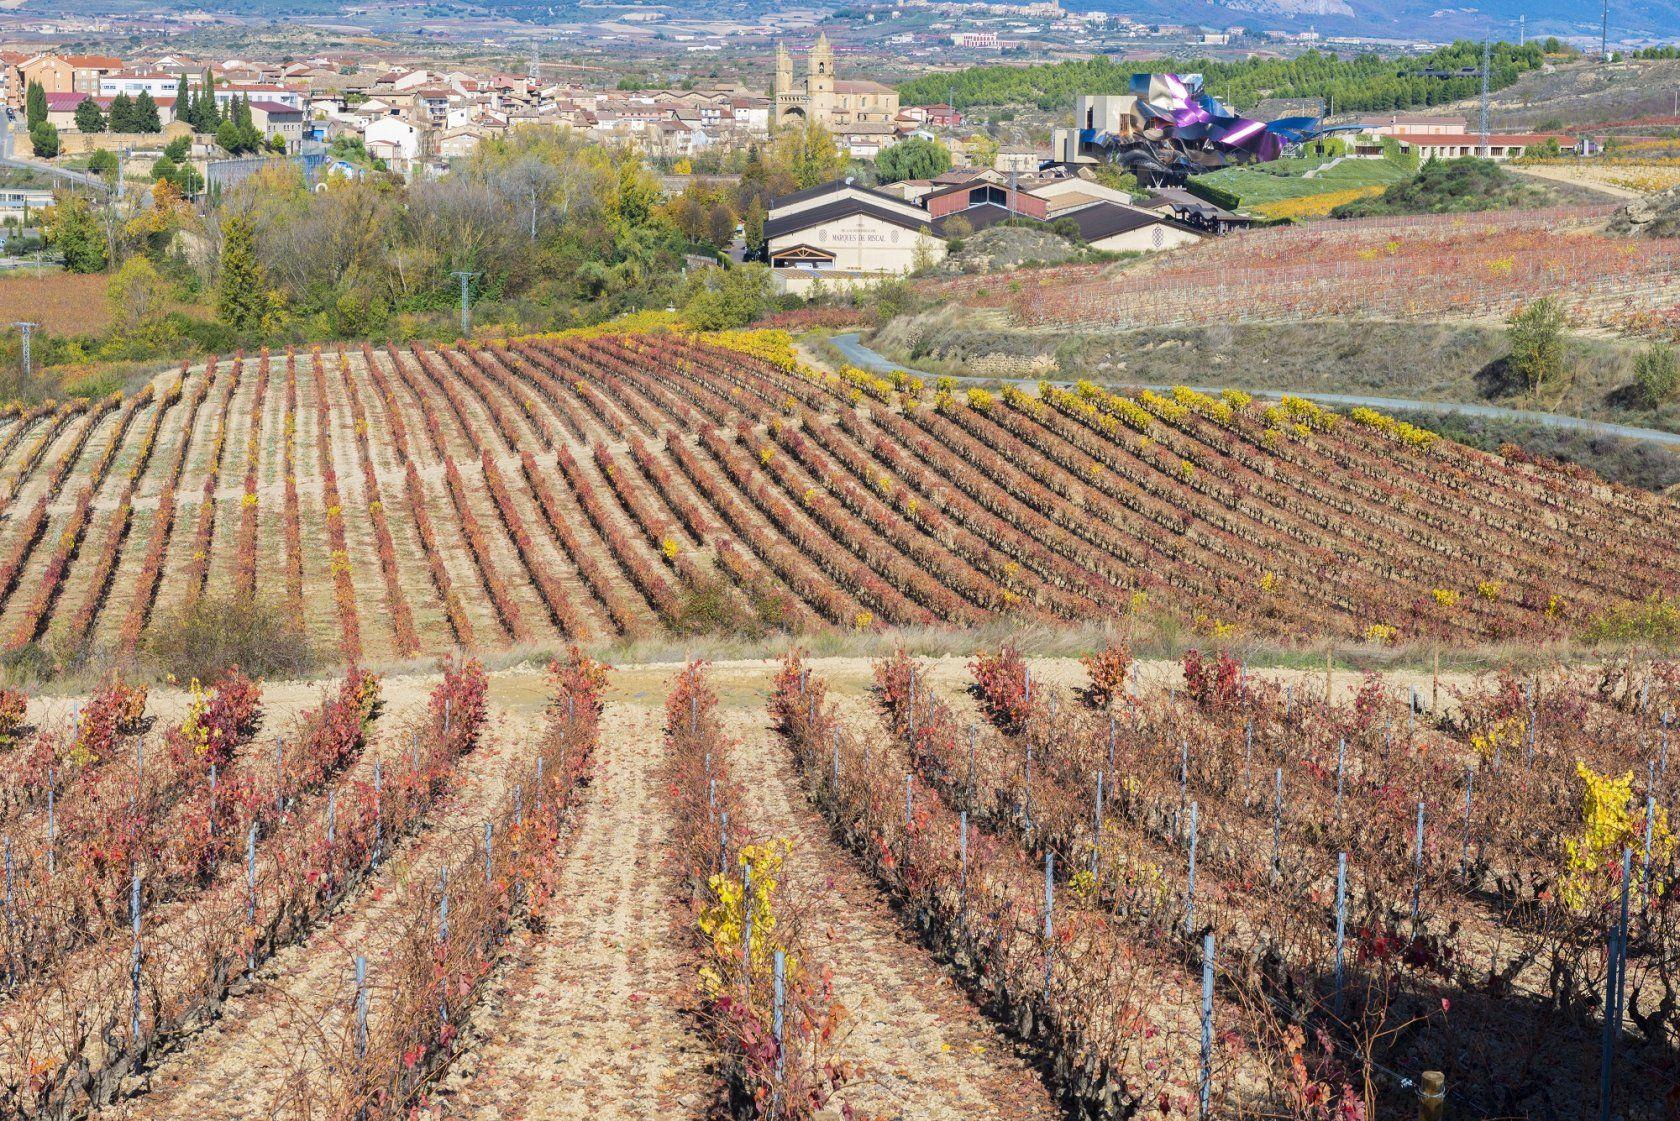 bodegas marques de riscal Bodegas Marques de Riscal – вино как произведение искусства tild3162 6266 4830 b466 663637616633  shutterstock 337672835